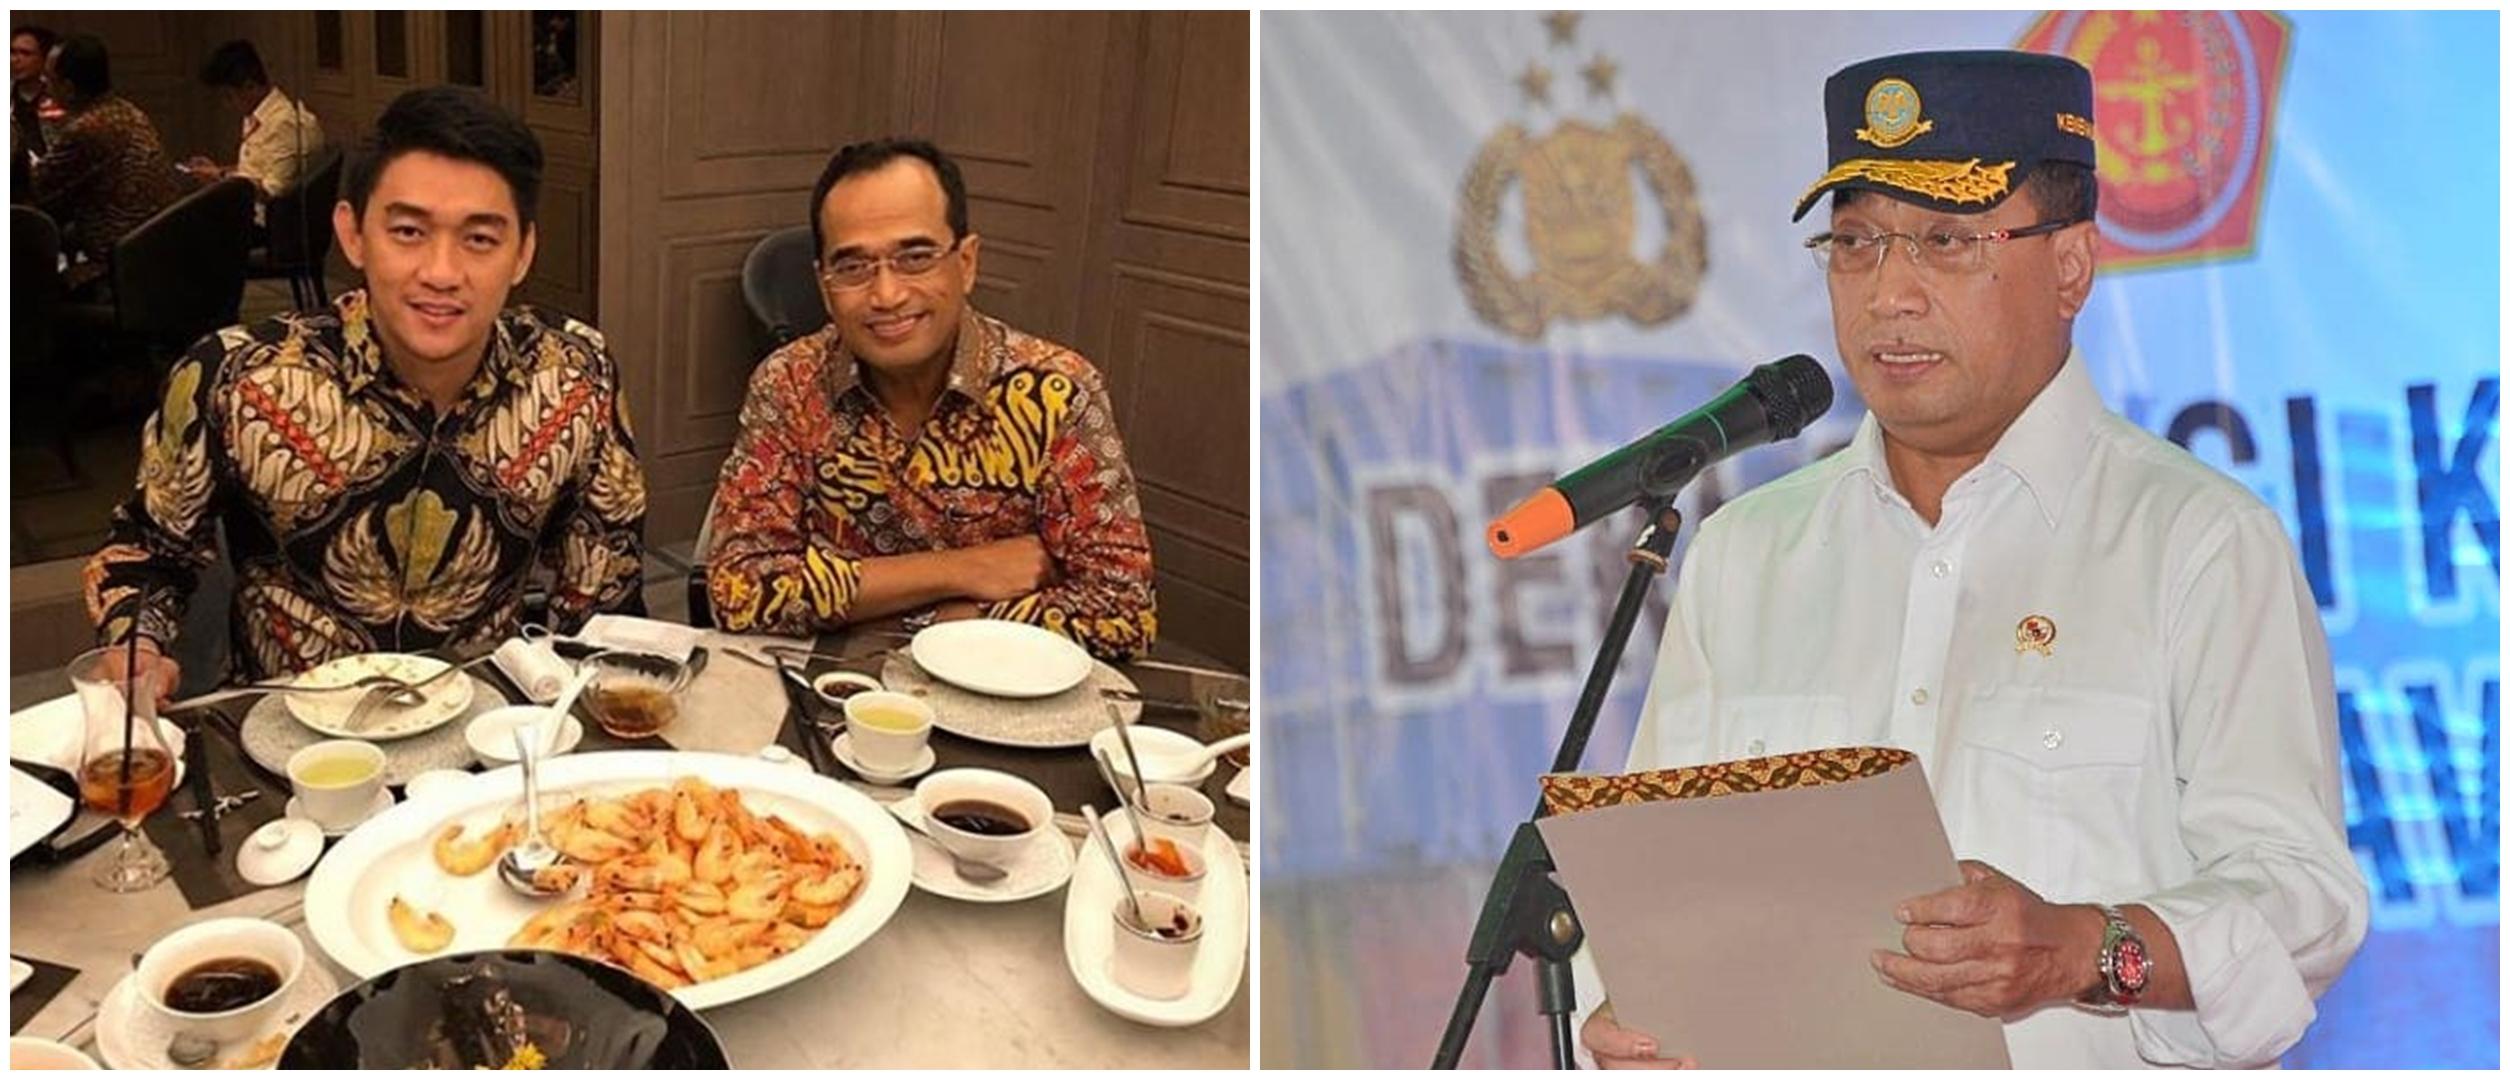 Positif Corona, ini dukungan publik figur untuk Budi Karya Sumadi